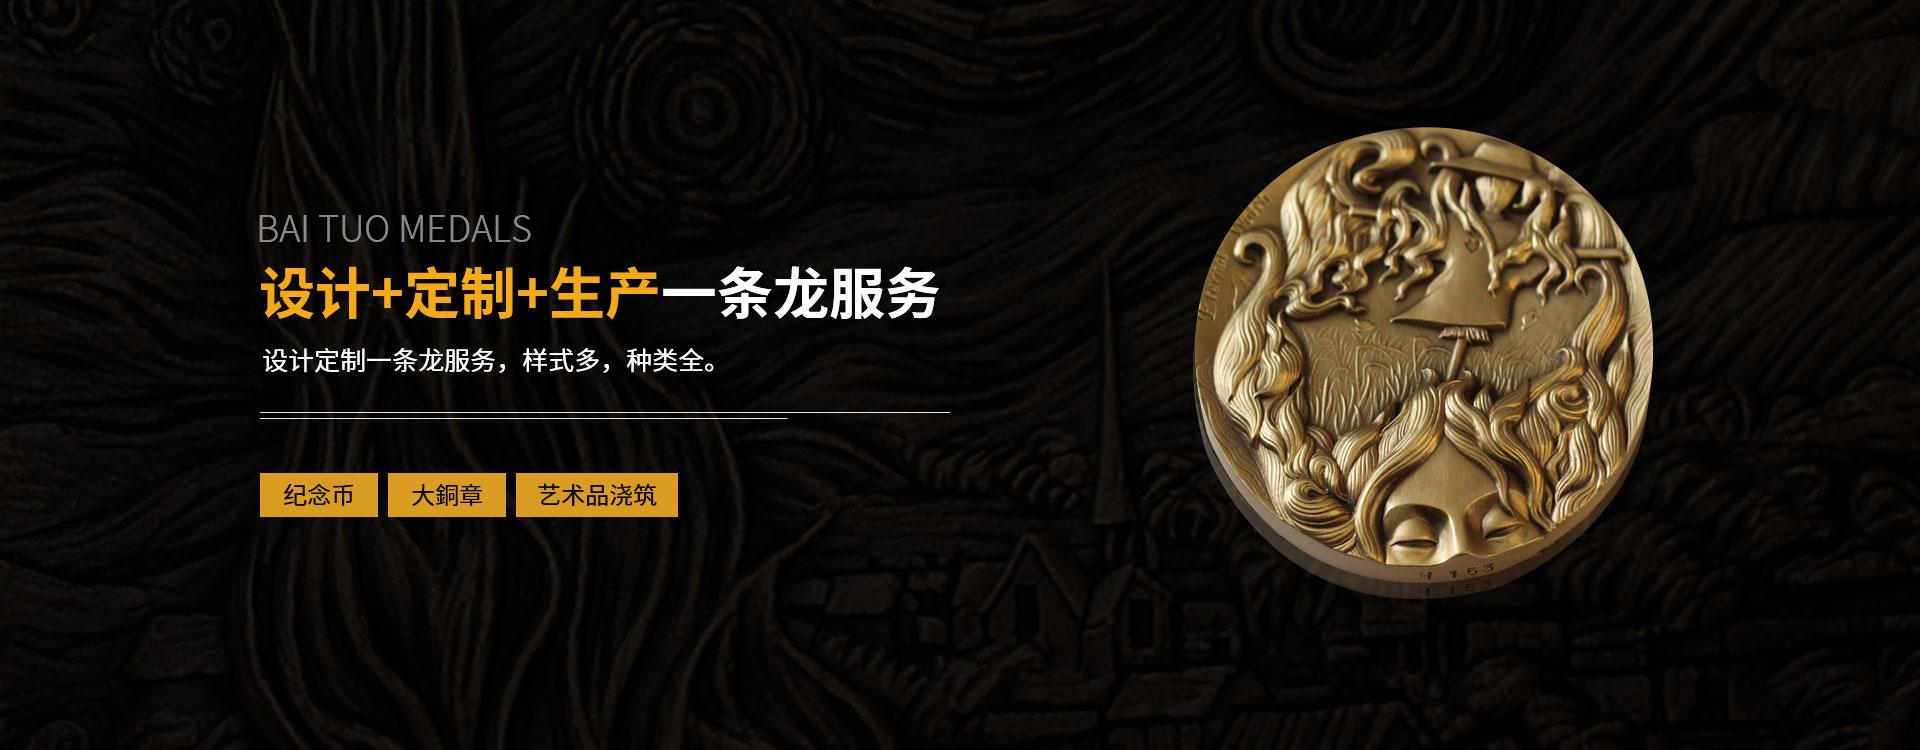 上海纪念章